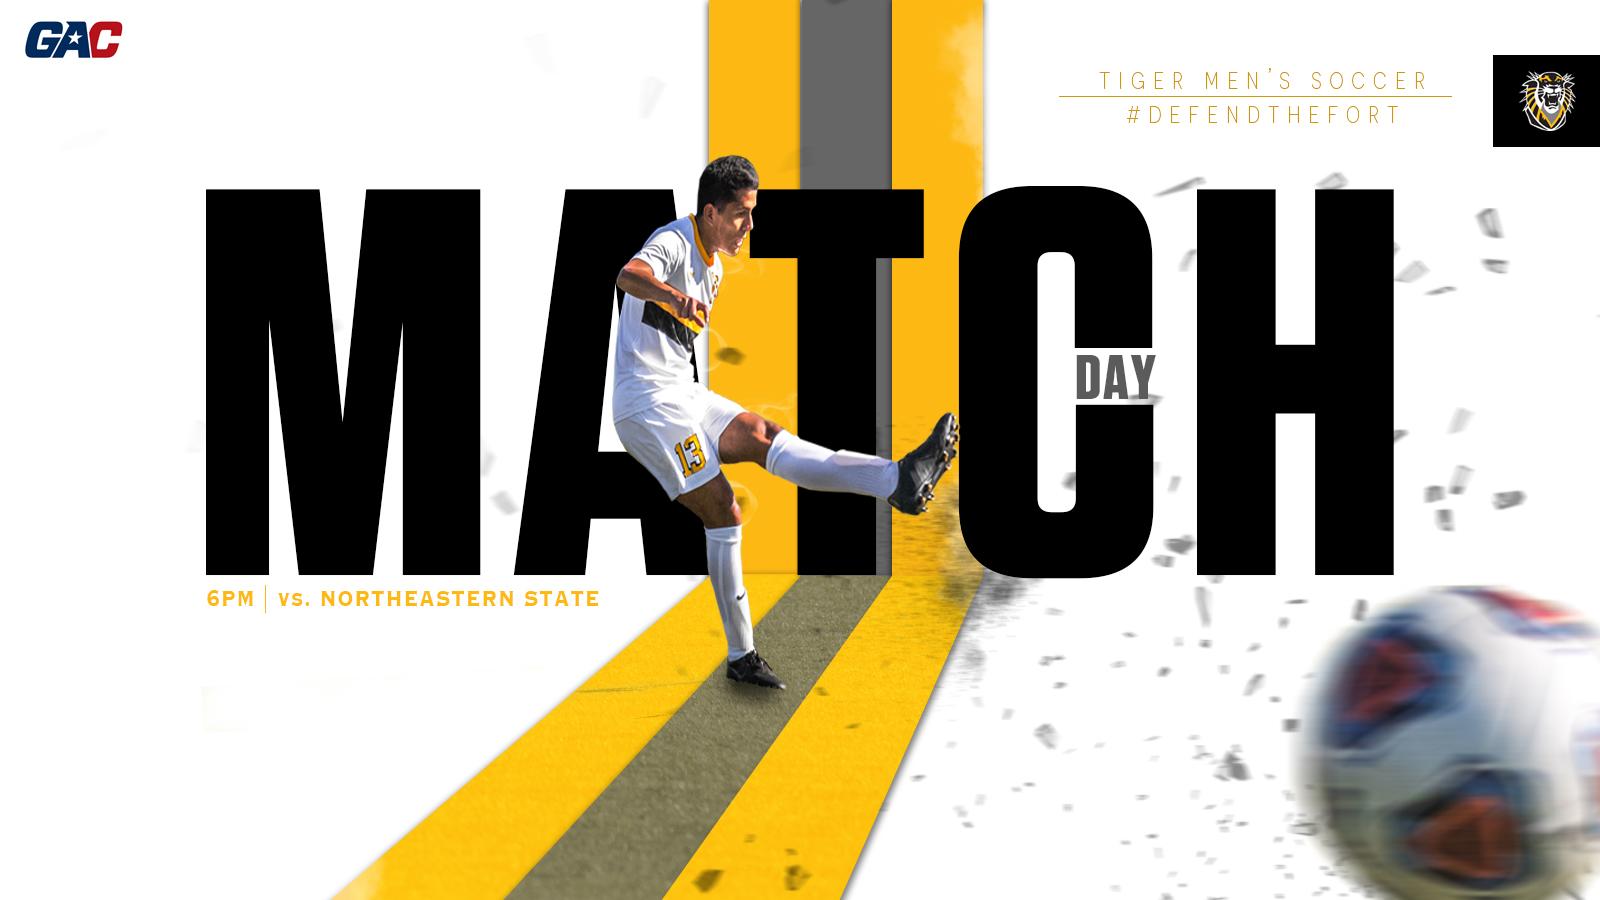 Men's Soccer match day for social